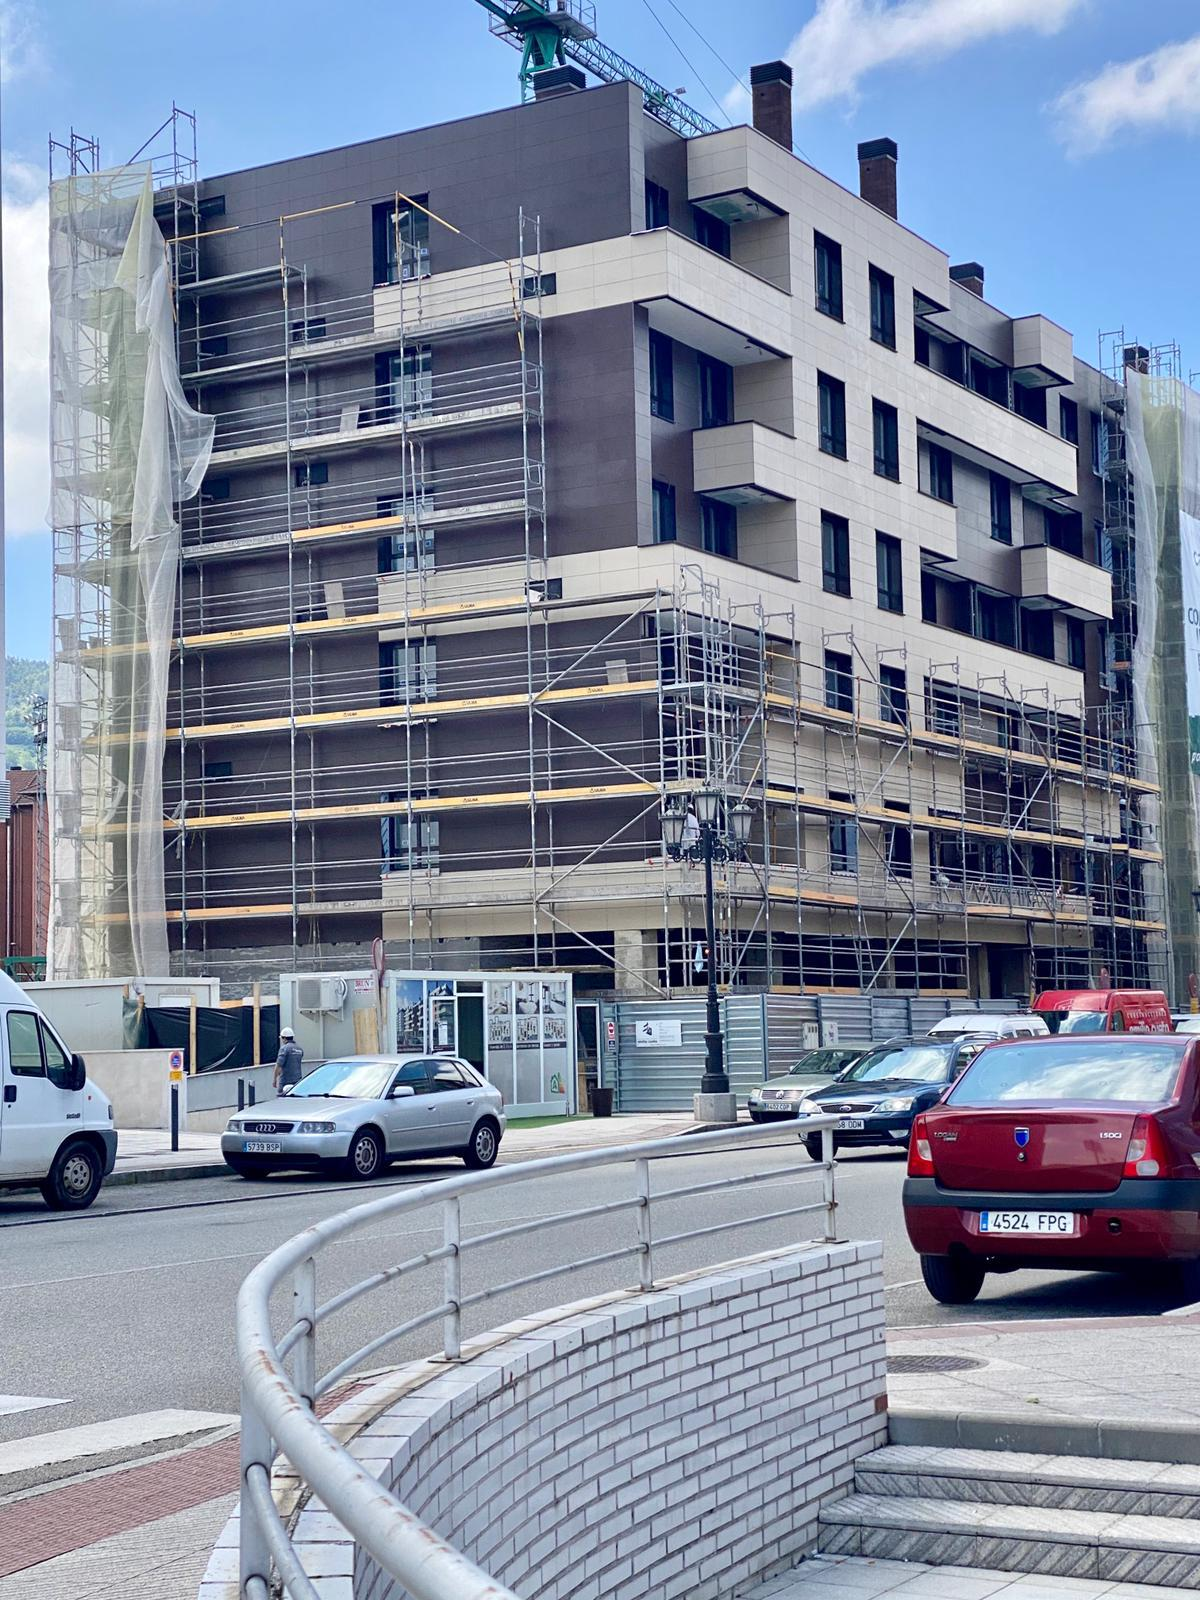 Nuevo-edificio-en-la-corredoria-vincula-residencial